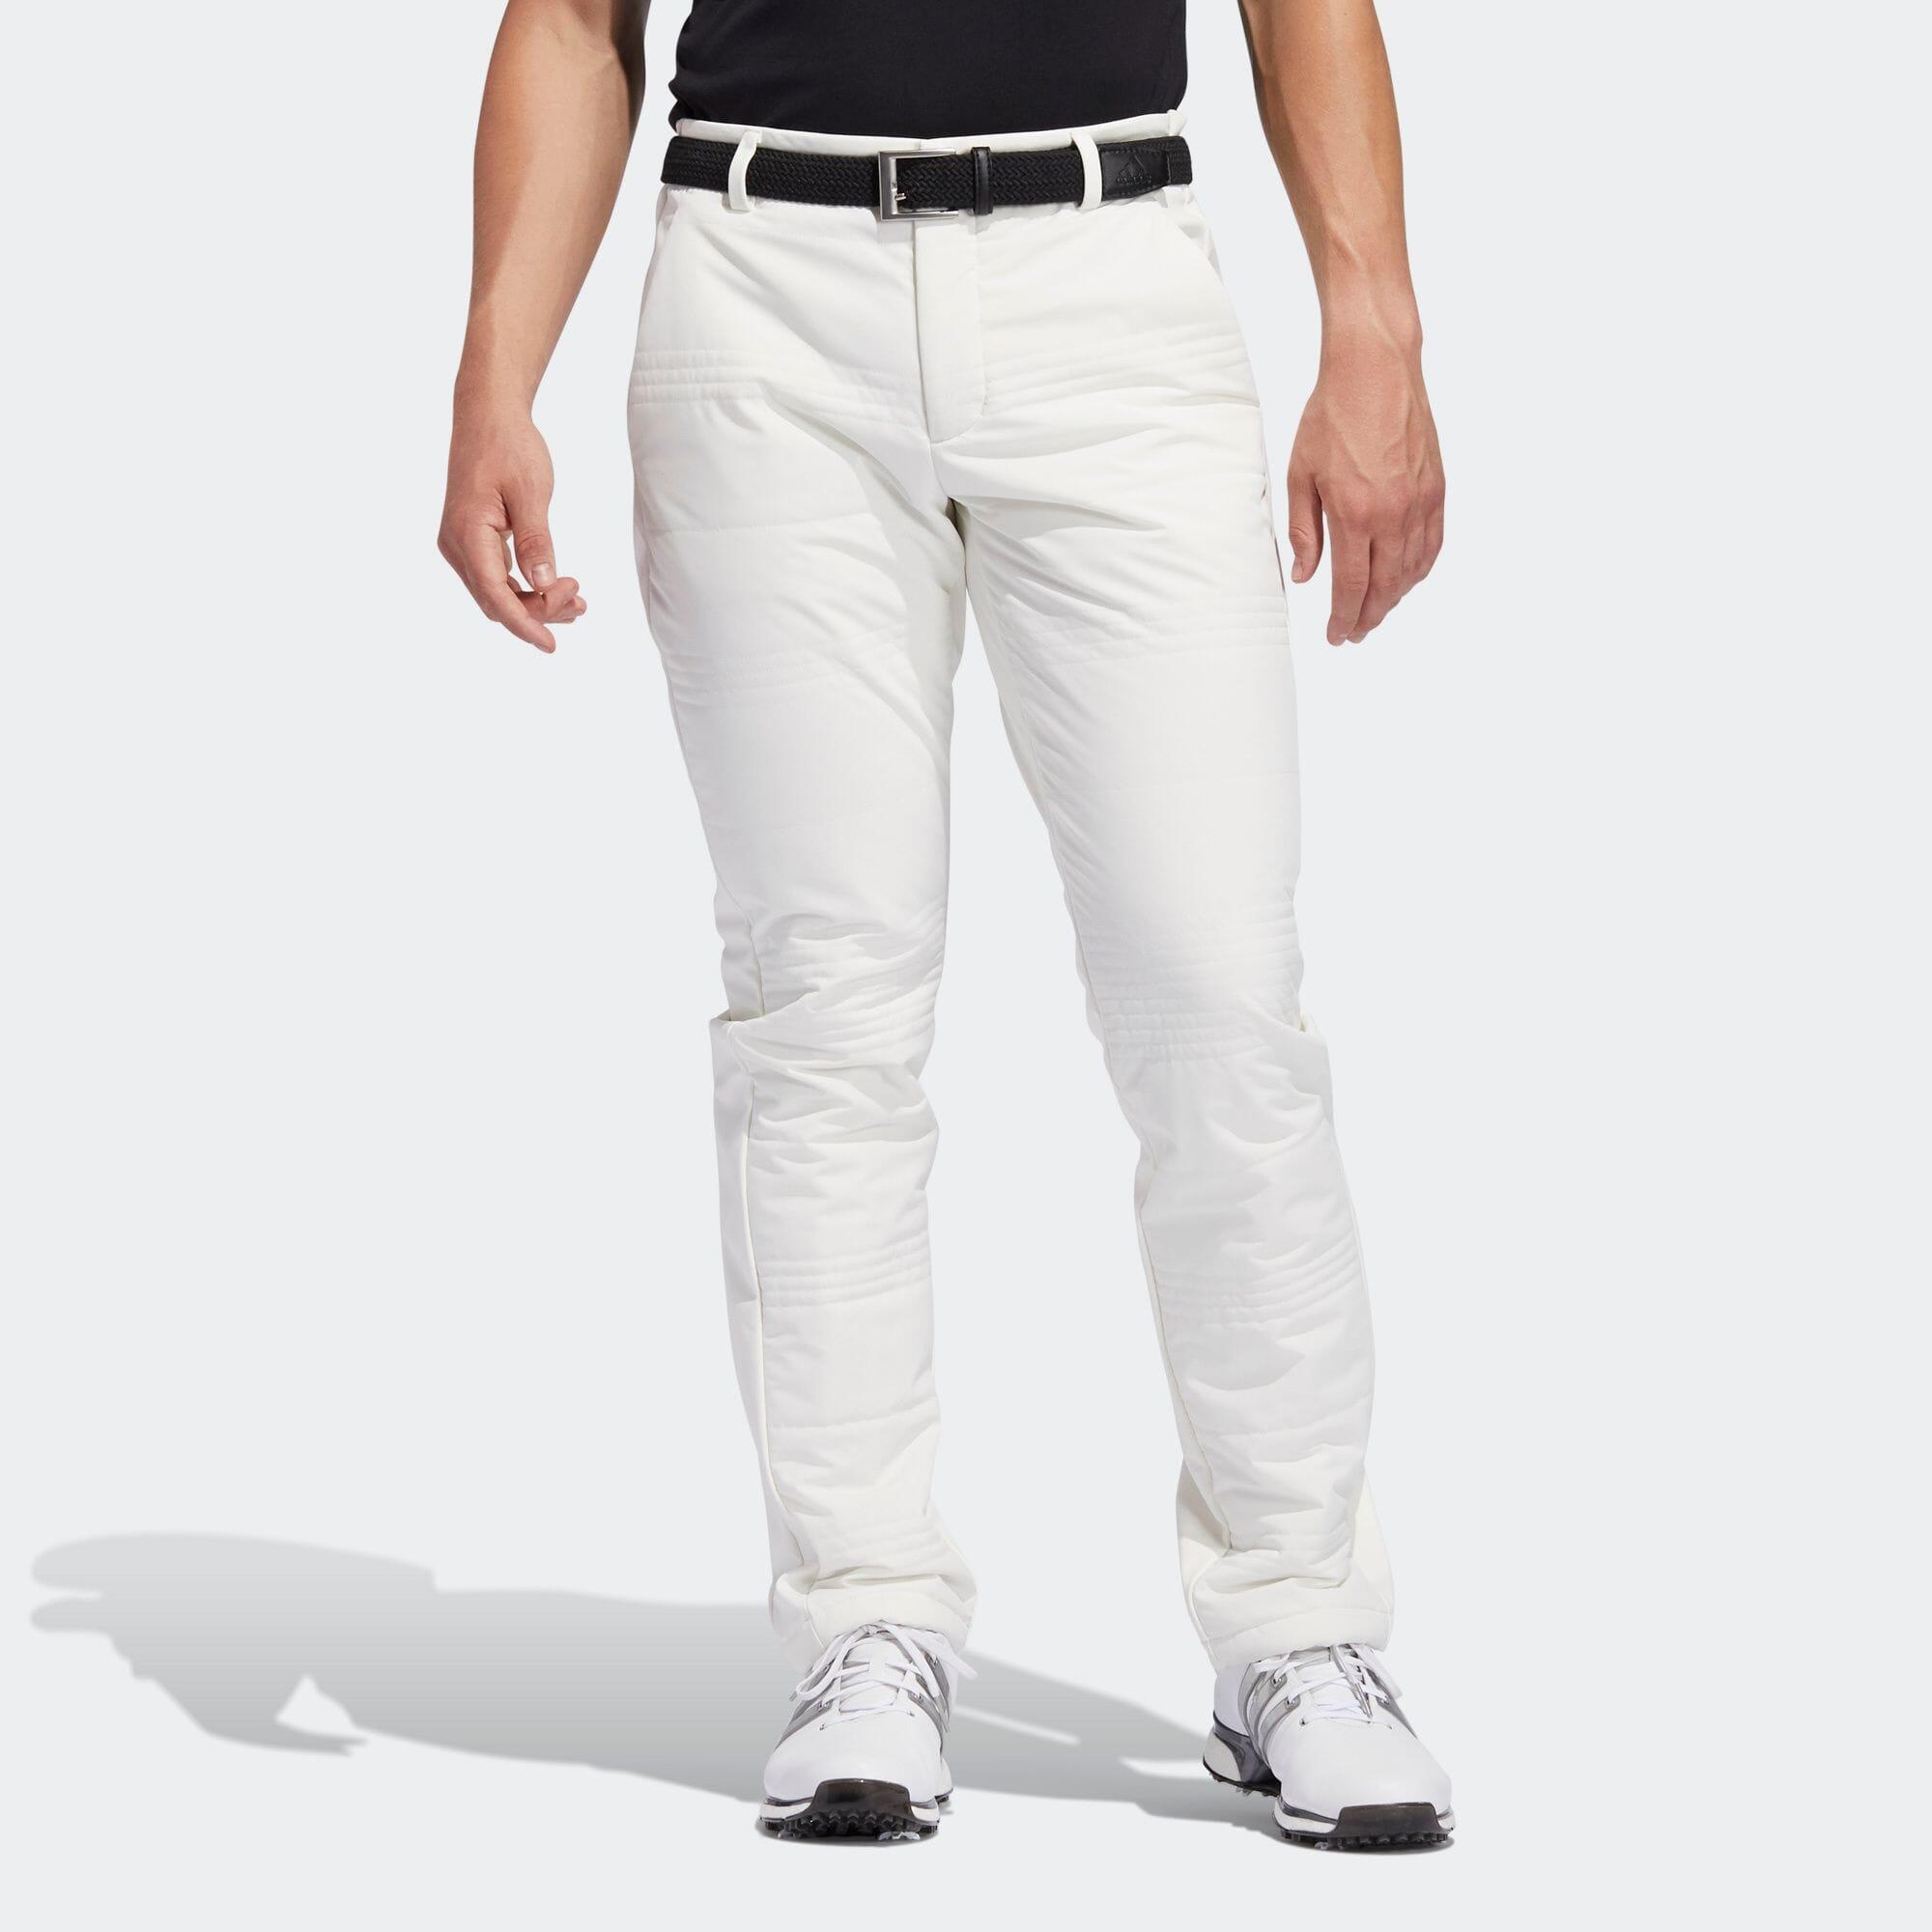 ポインテッドインサレーション ウォームパンツ 【ゴルフ】/ Hybrid Padded Pants